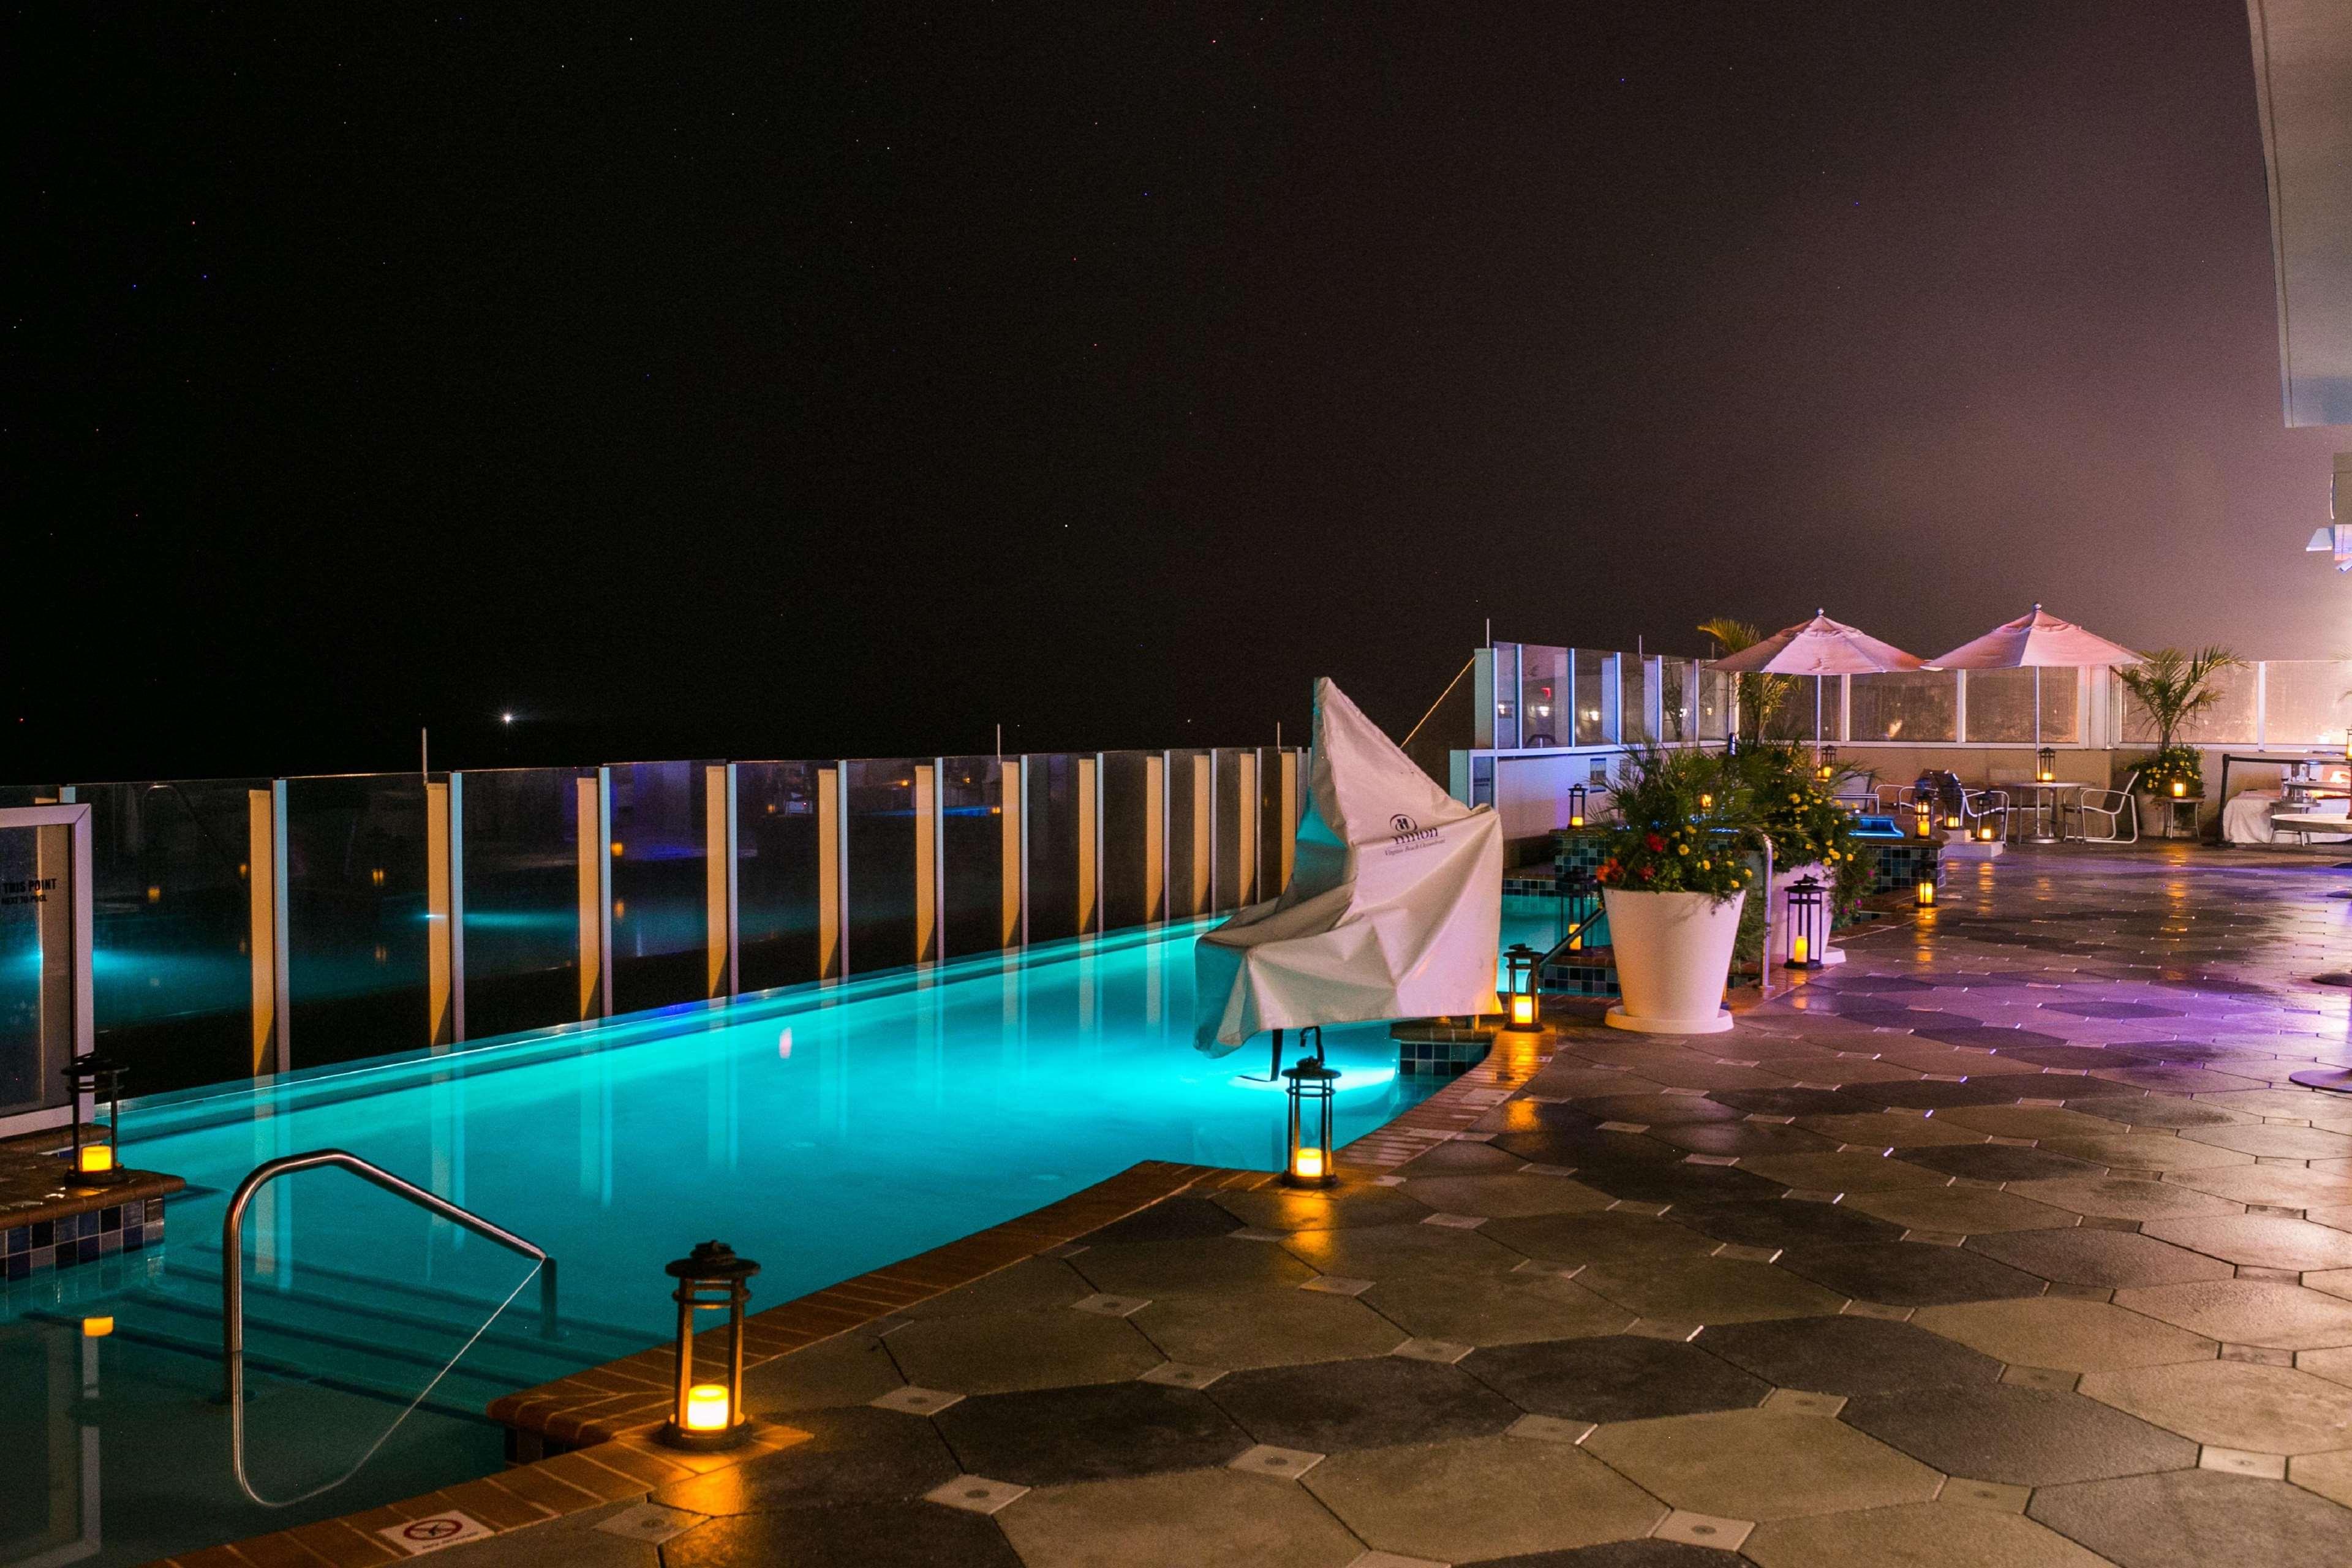 Sky Bar and Infinity Pool Deck